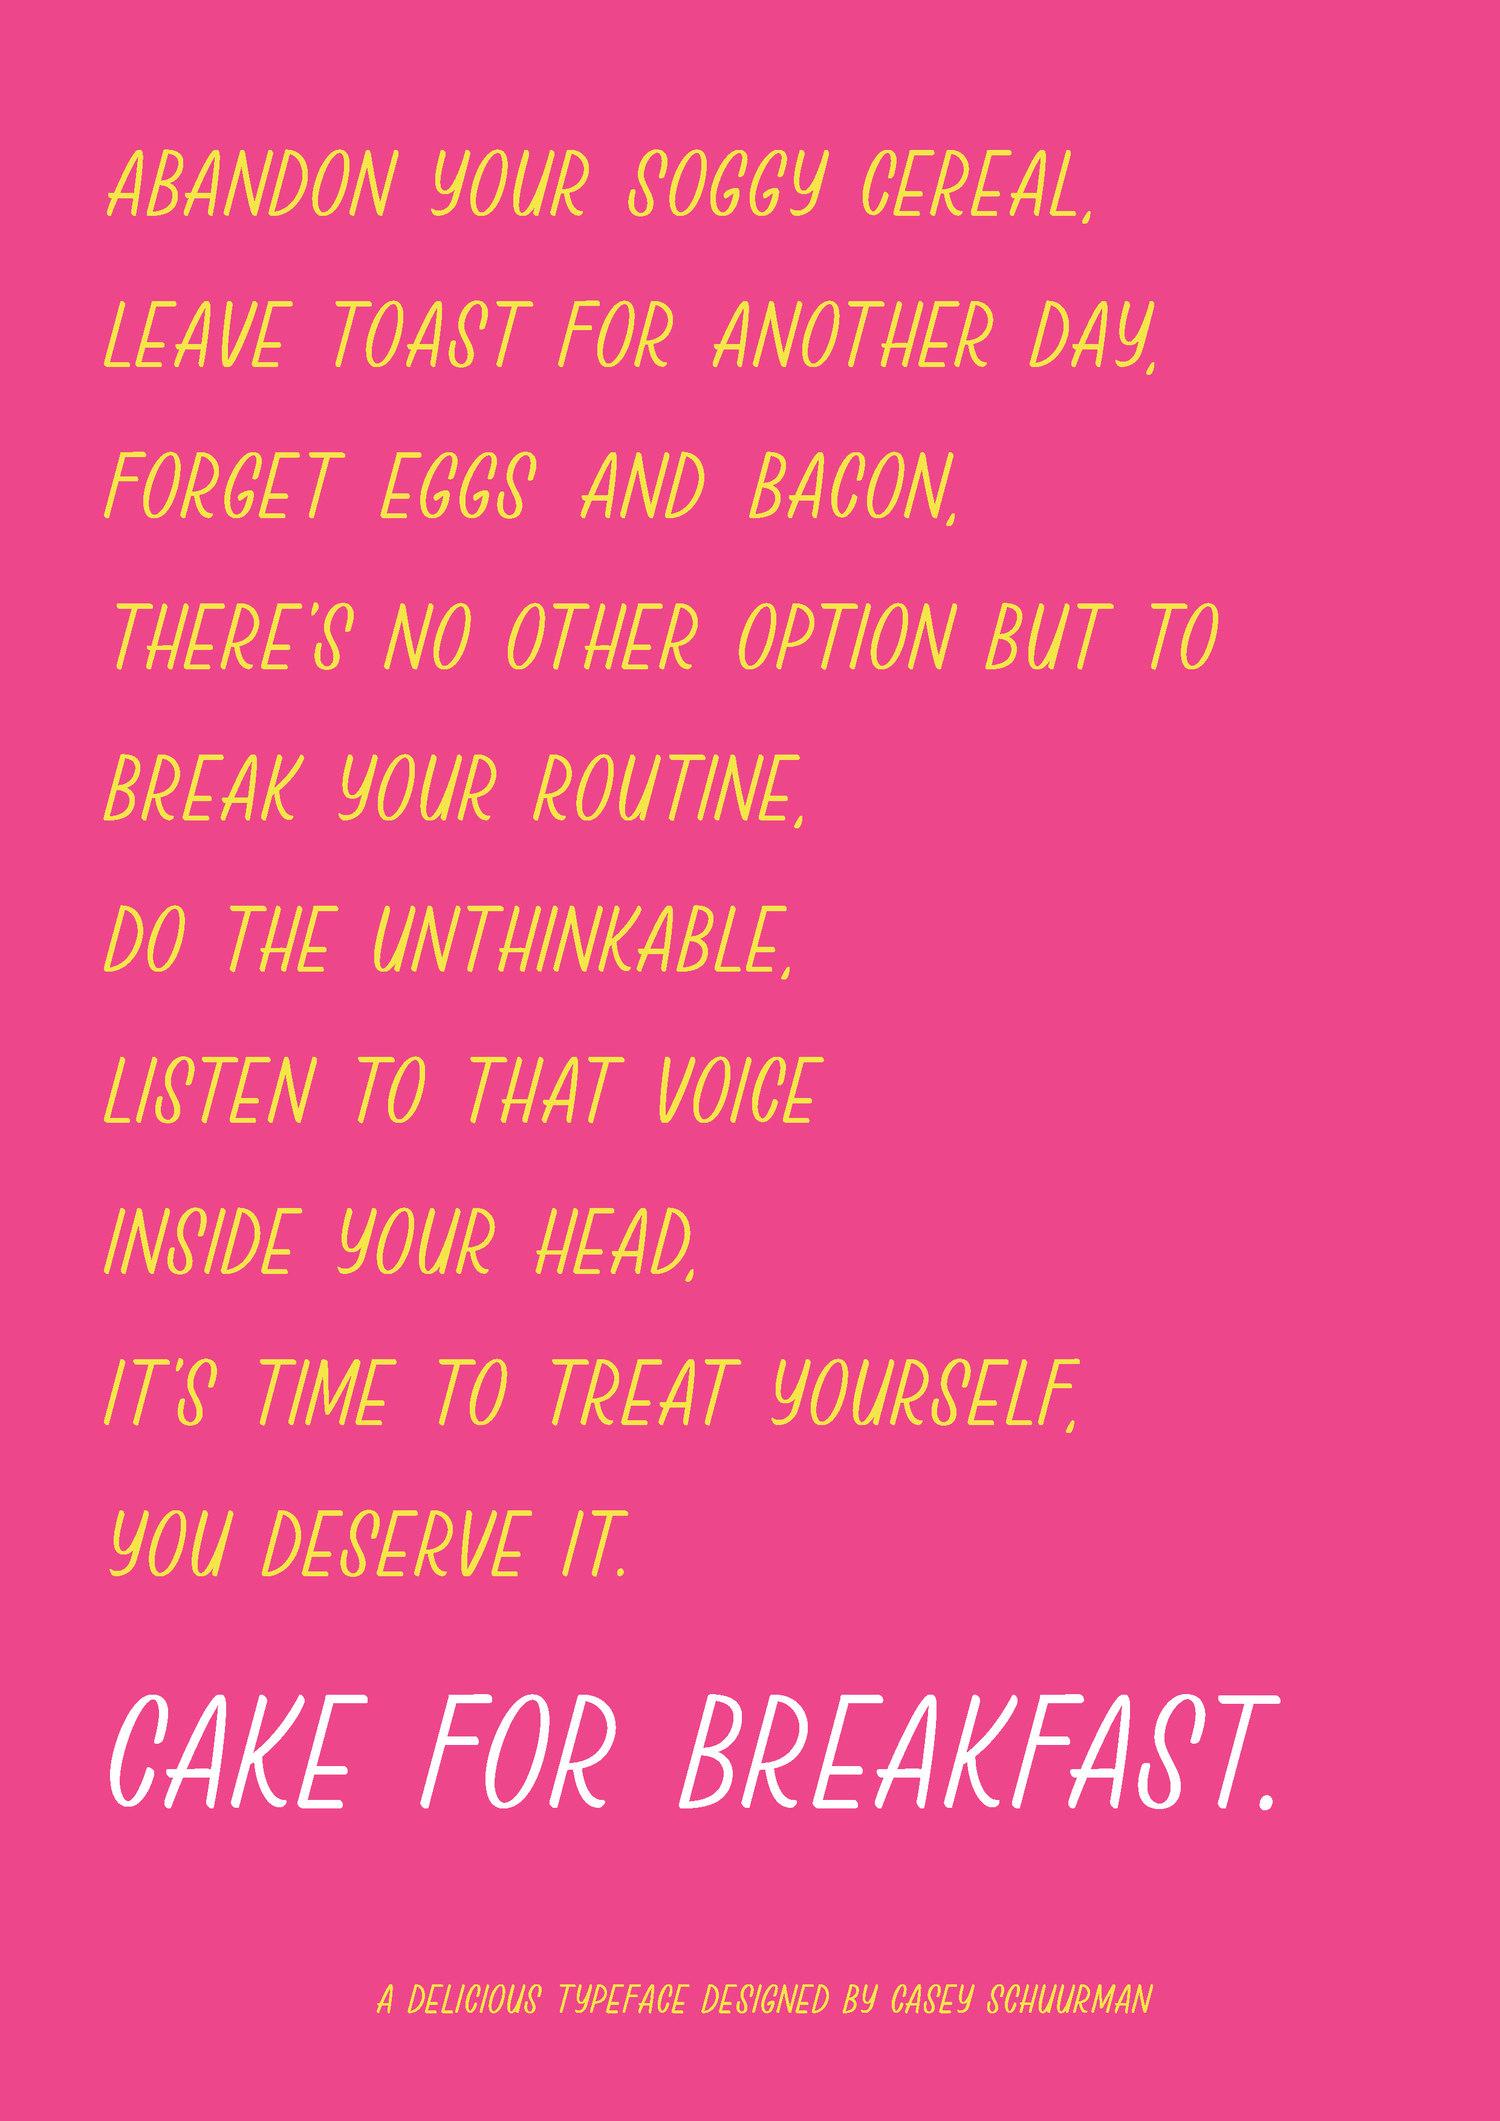 Cake+For+Breakfast+Manifesto.jpg